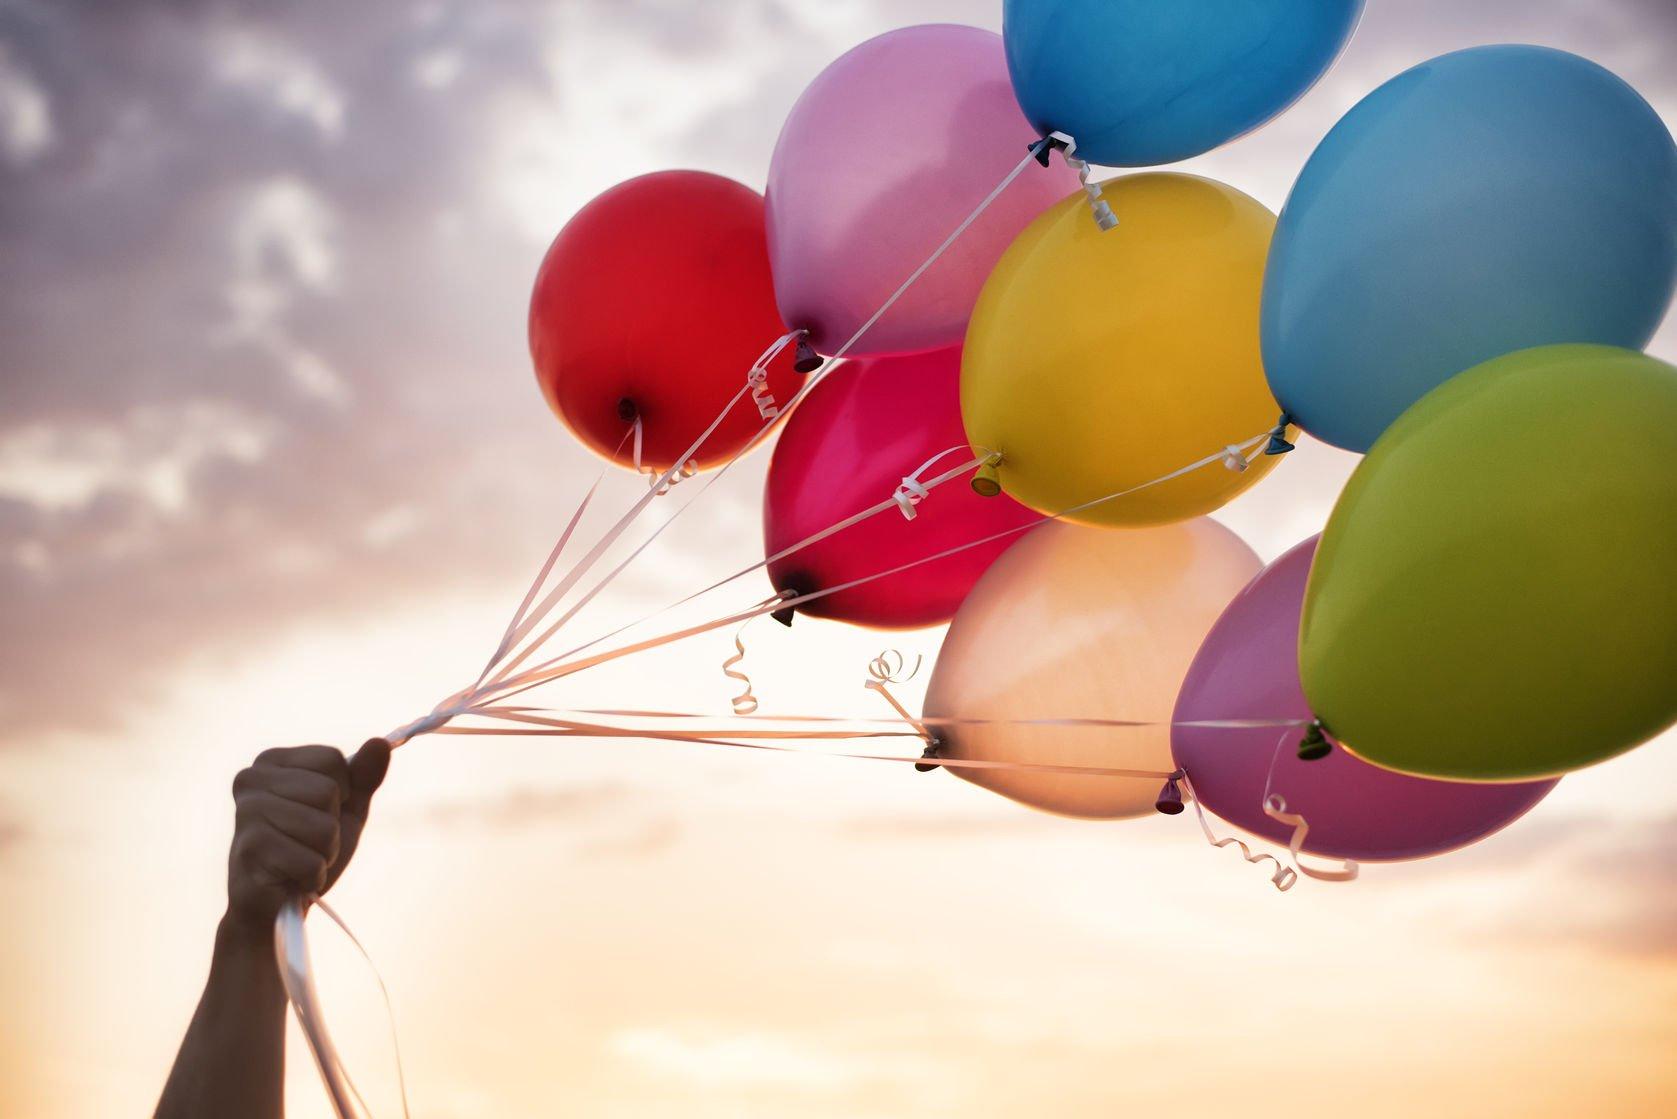 Que O Eterno Atenda Todos Os Seus Desejos Então Está: Recados De Aniversário Para Facebook. Parabenize Com Carinho